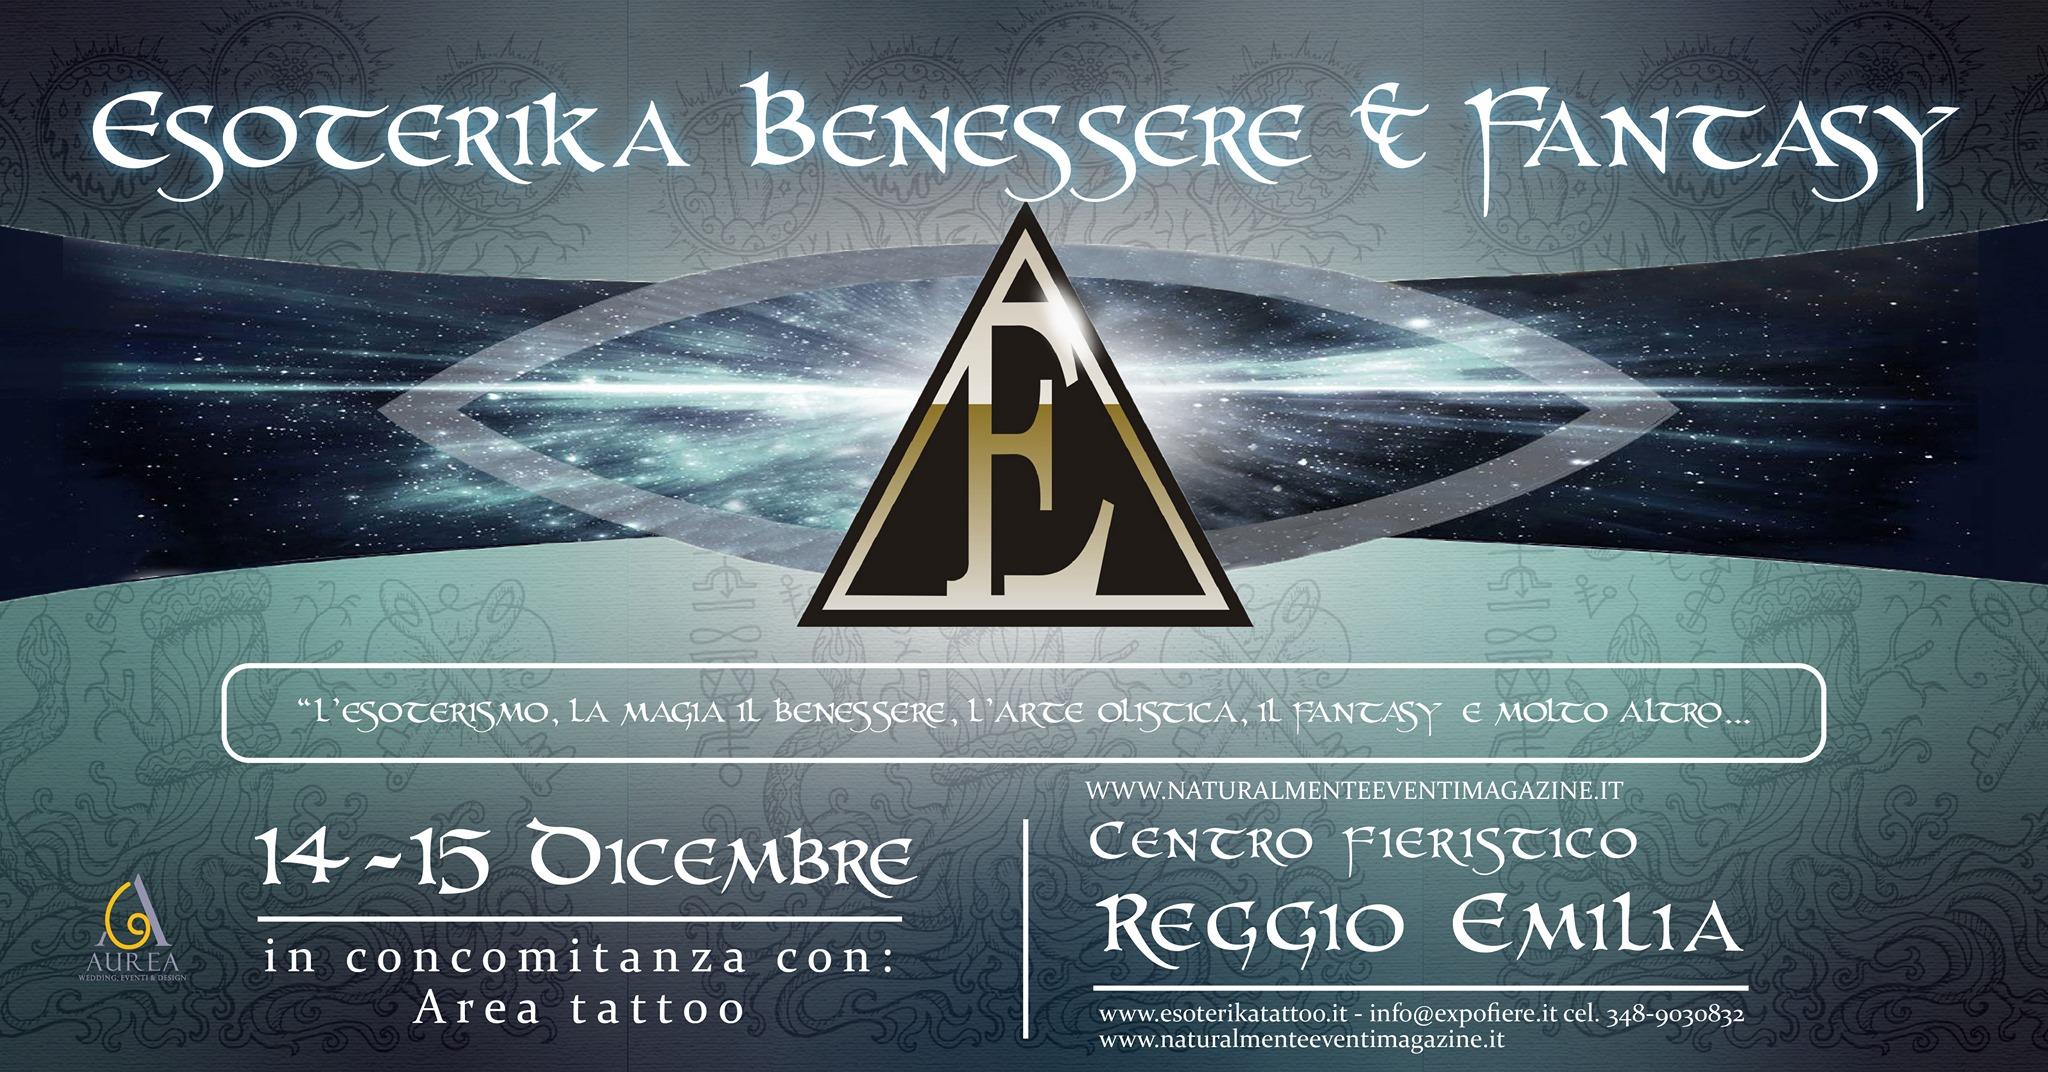 Esoterika Benessere e Fantasy Reggio Emilia